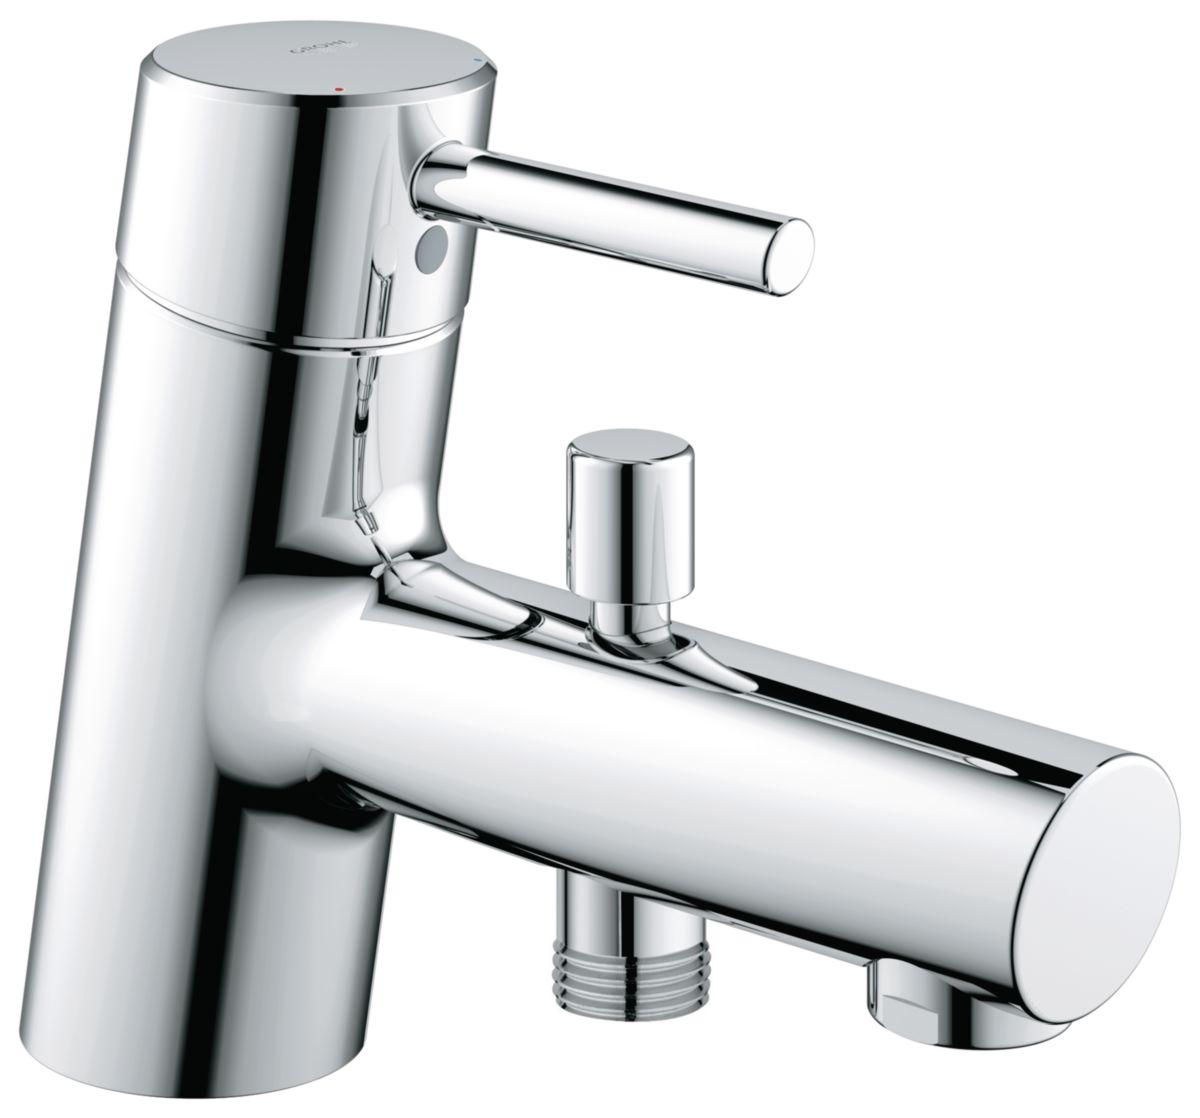 Mitigeur bain-douche CONCETTO II monocommande 15 x 21, mousseur, chromé réf. 32701001